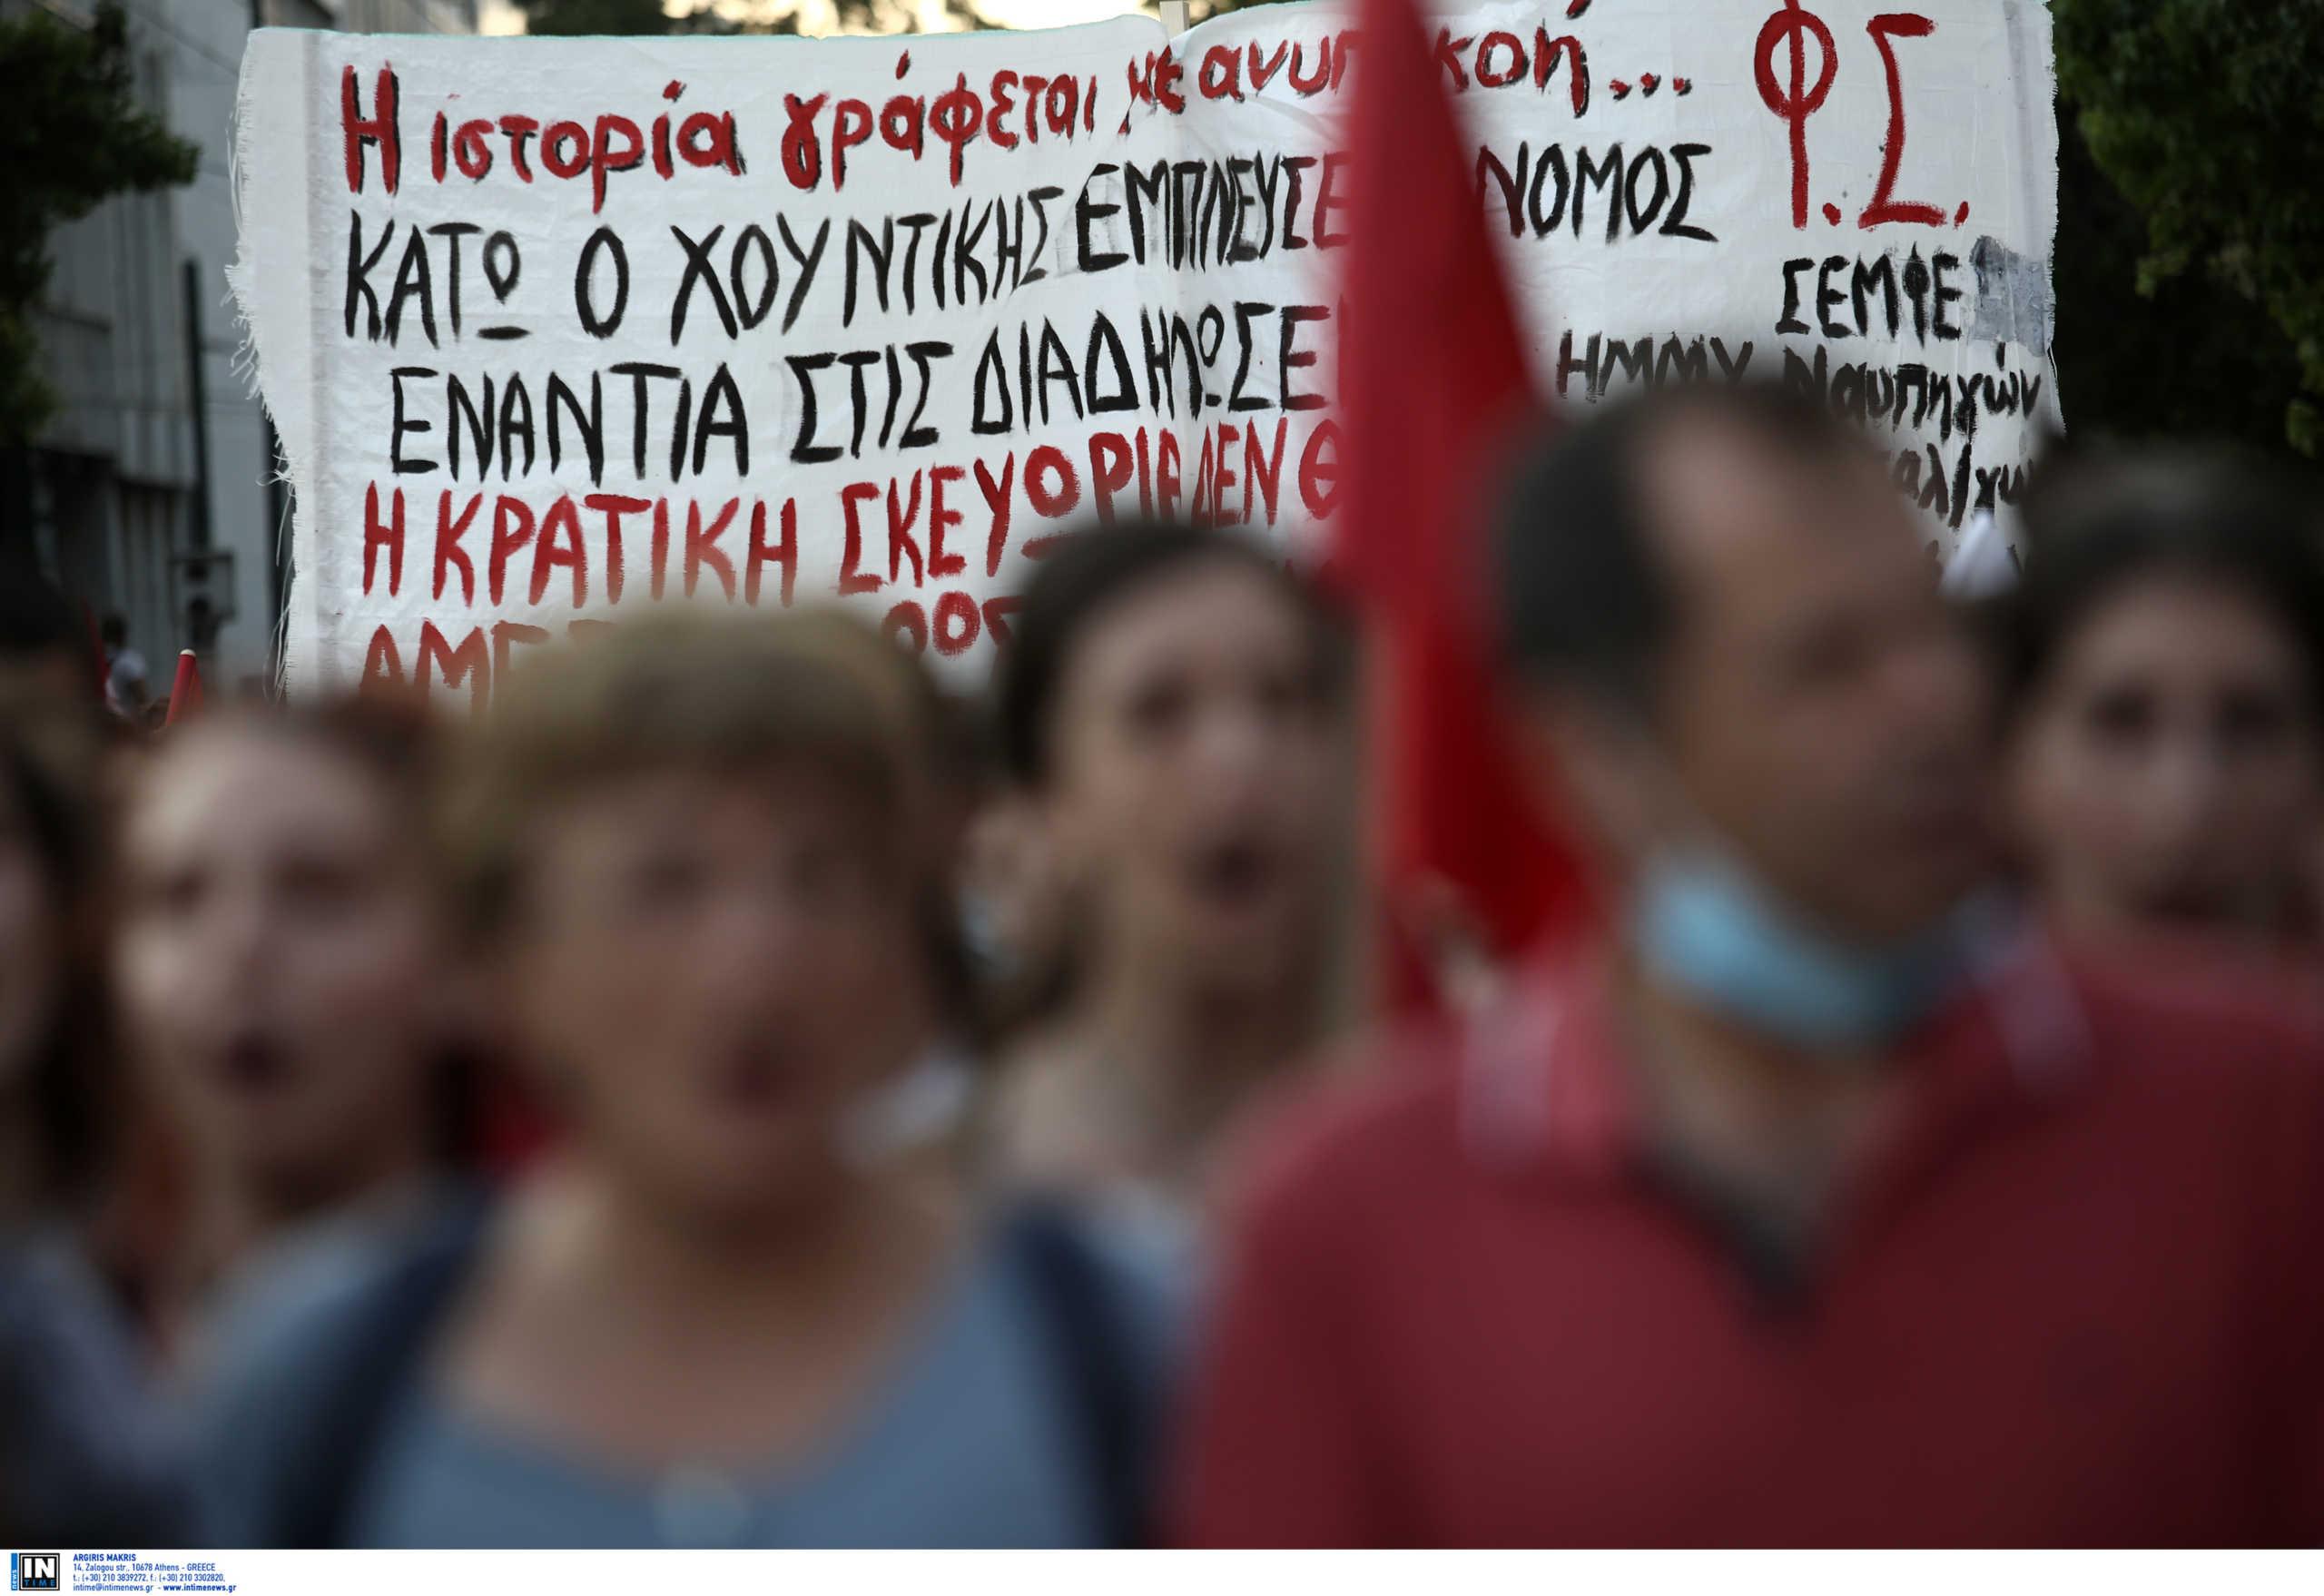 Αθήνα: Πανεκπαιδευτικό συλλαλητήριο στο κέντρο